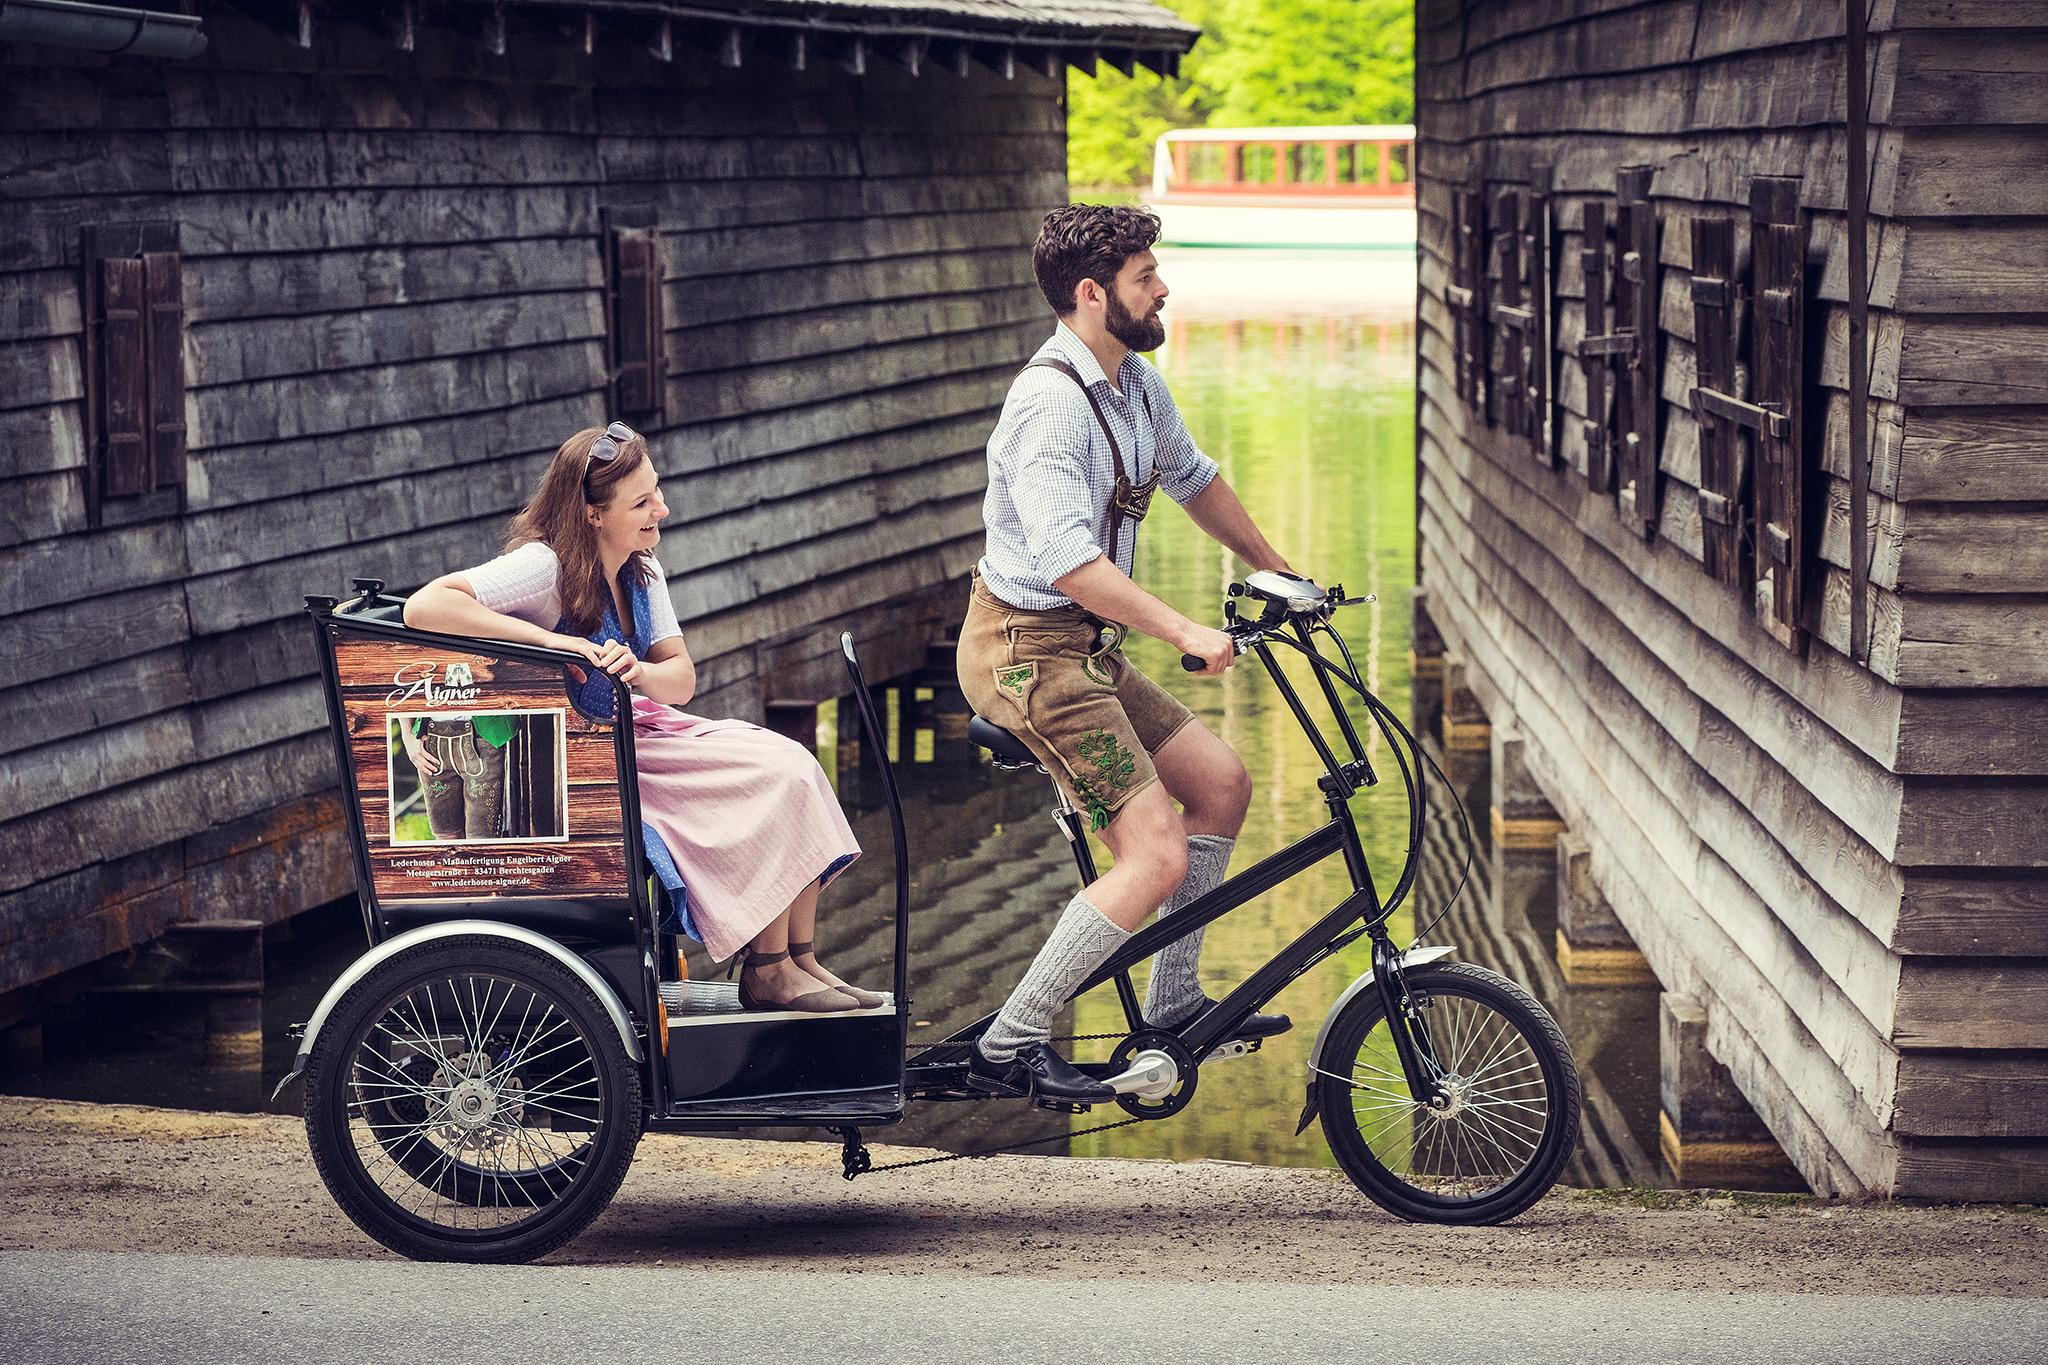 Lederhosenmacher Engelbert Aigner auf seinem Radltaxi